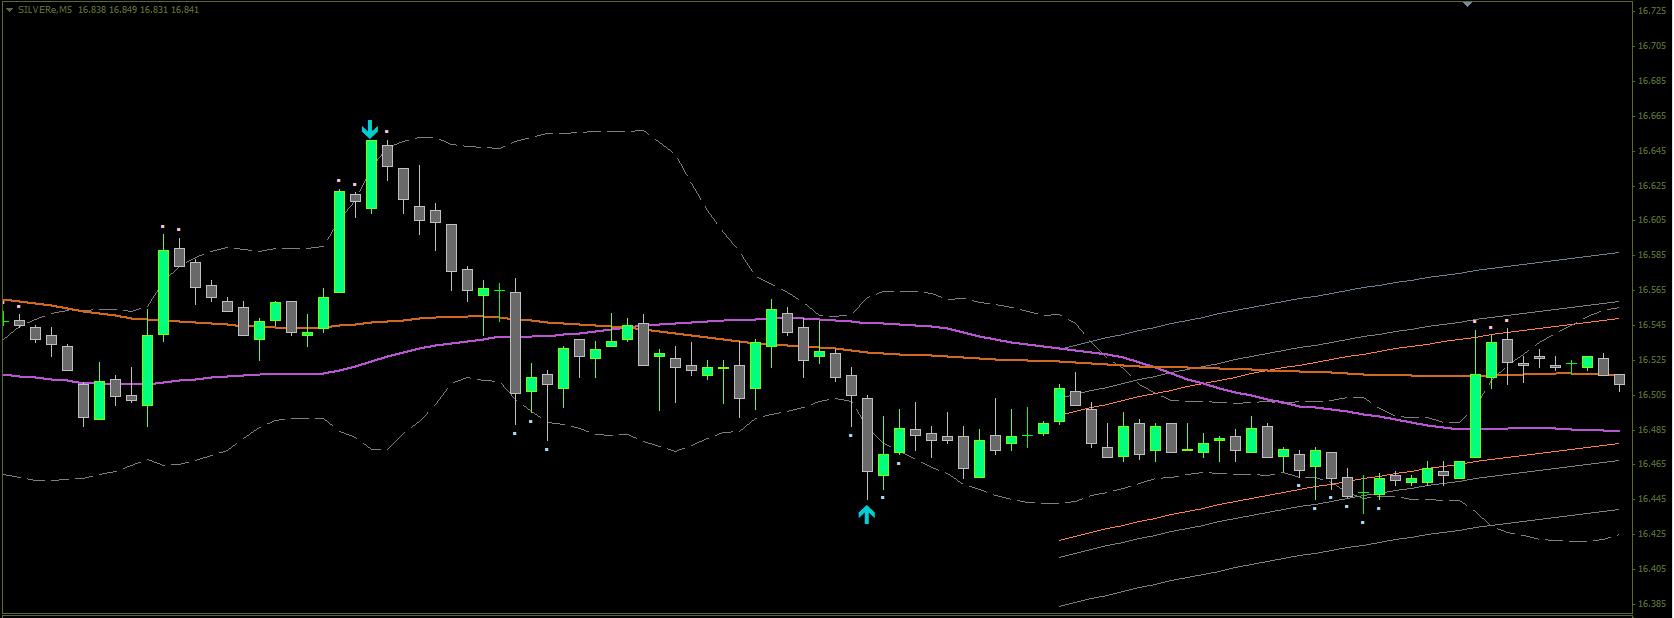 Ashkan bolour trading system